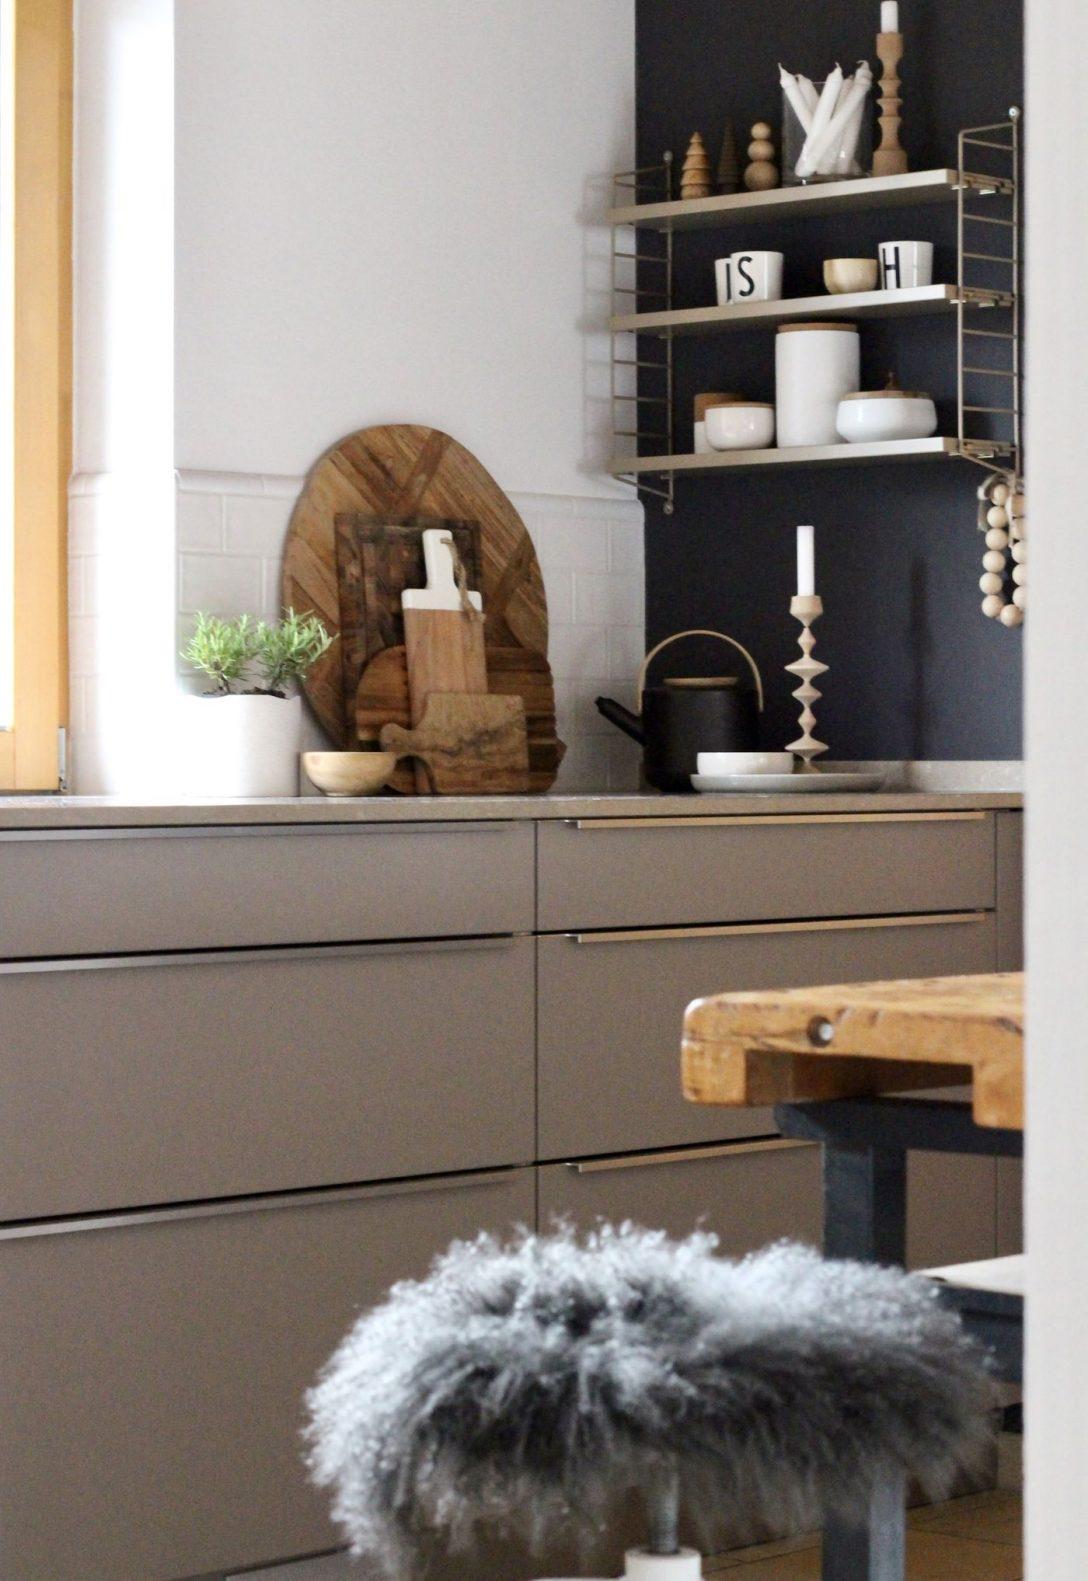 Large Size of Ideen Fr Dein Kchenregal Modulküche Ikea Küche Kaufen Kosten Miniküche Betten 160x200 Bei Sofa Mit Schlaffunktion Wohnzimmer Küchenregal Ikea